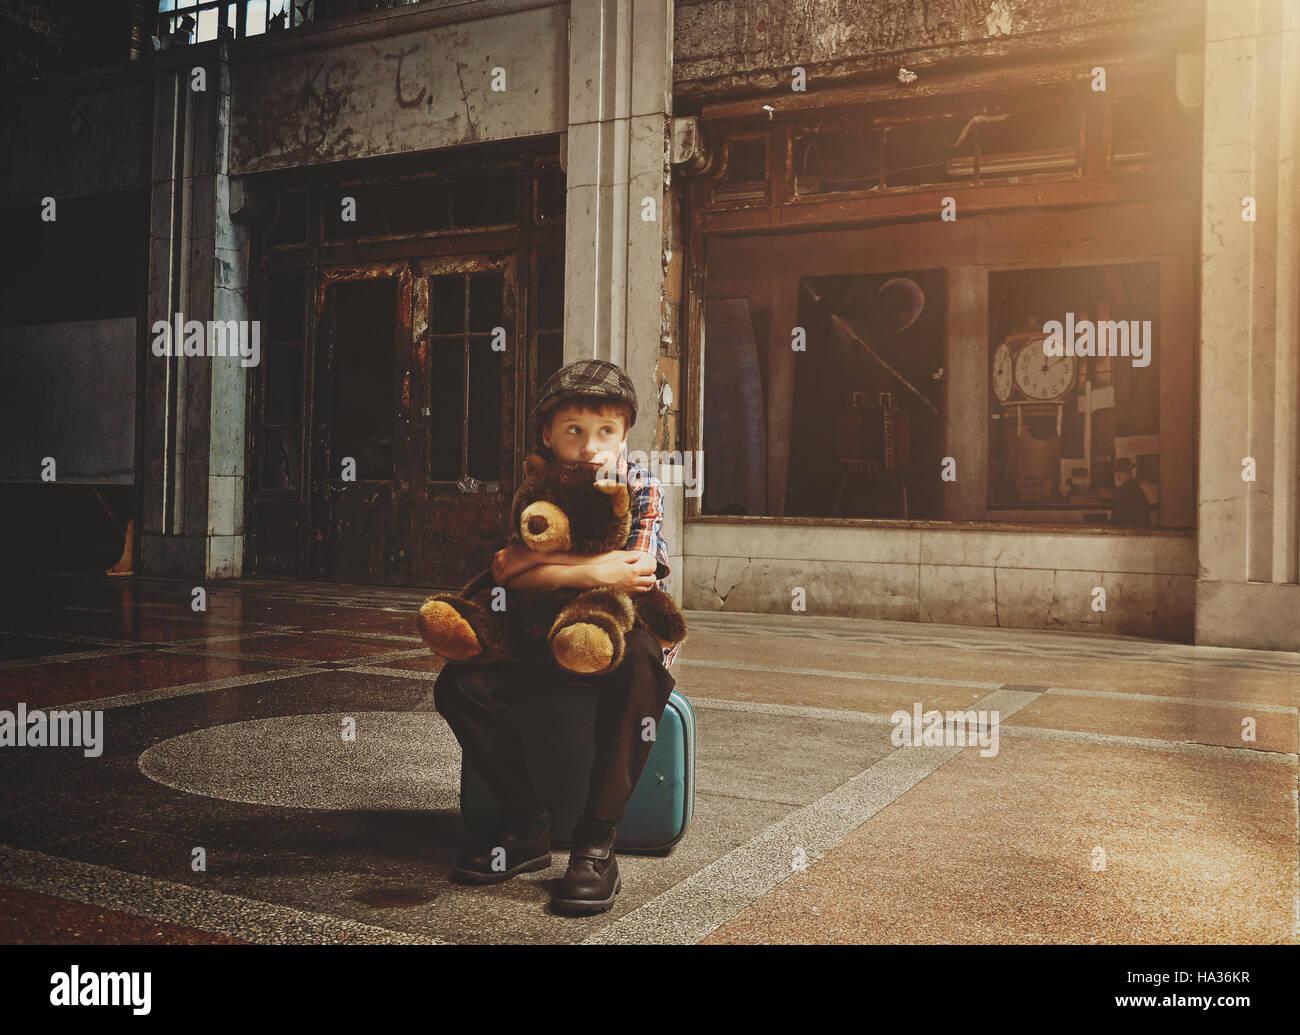 Peur d'un jeune garçon est assis sur une valise de voyage dans un vieux bâtiment holding a teddy bear pour un concept de sécurité ou la solitude Banque D'Images